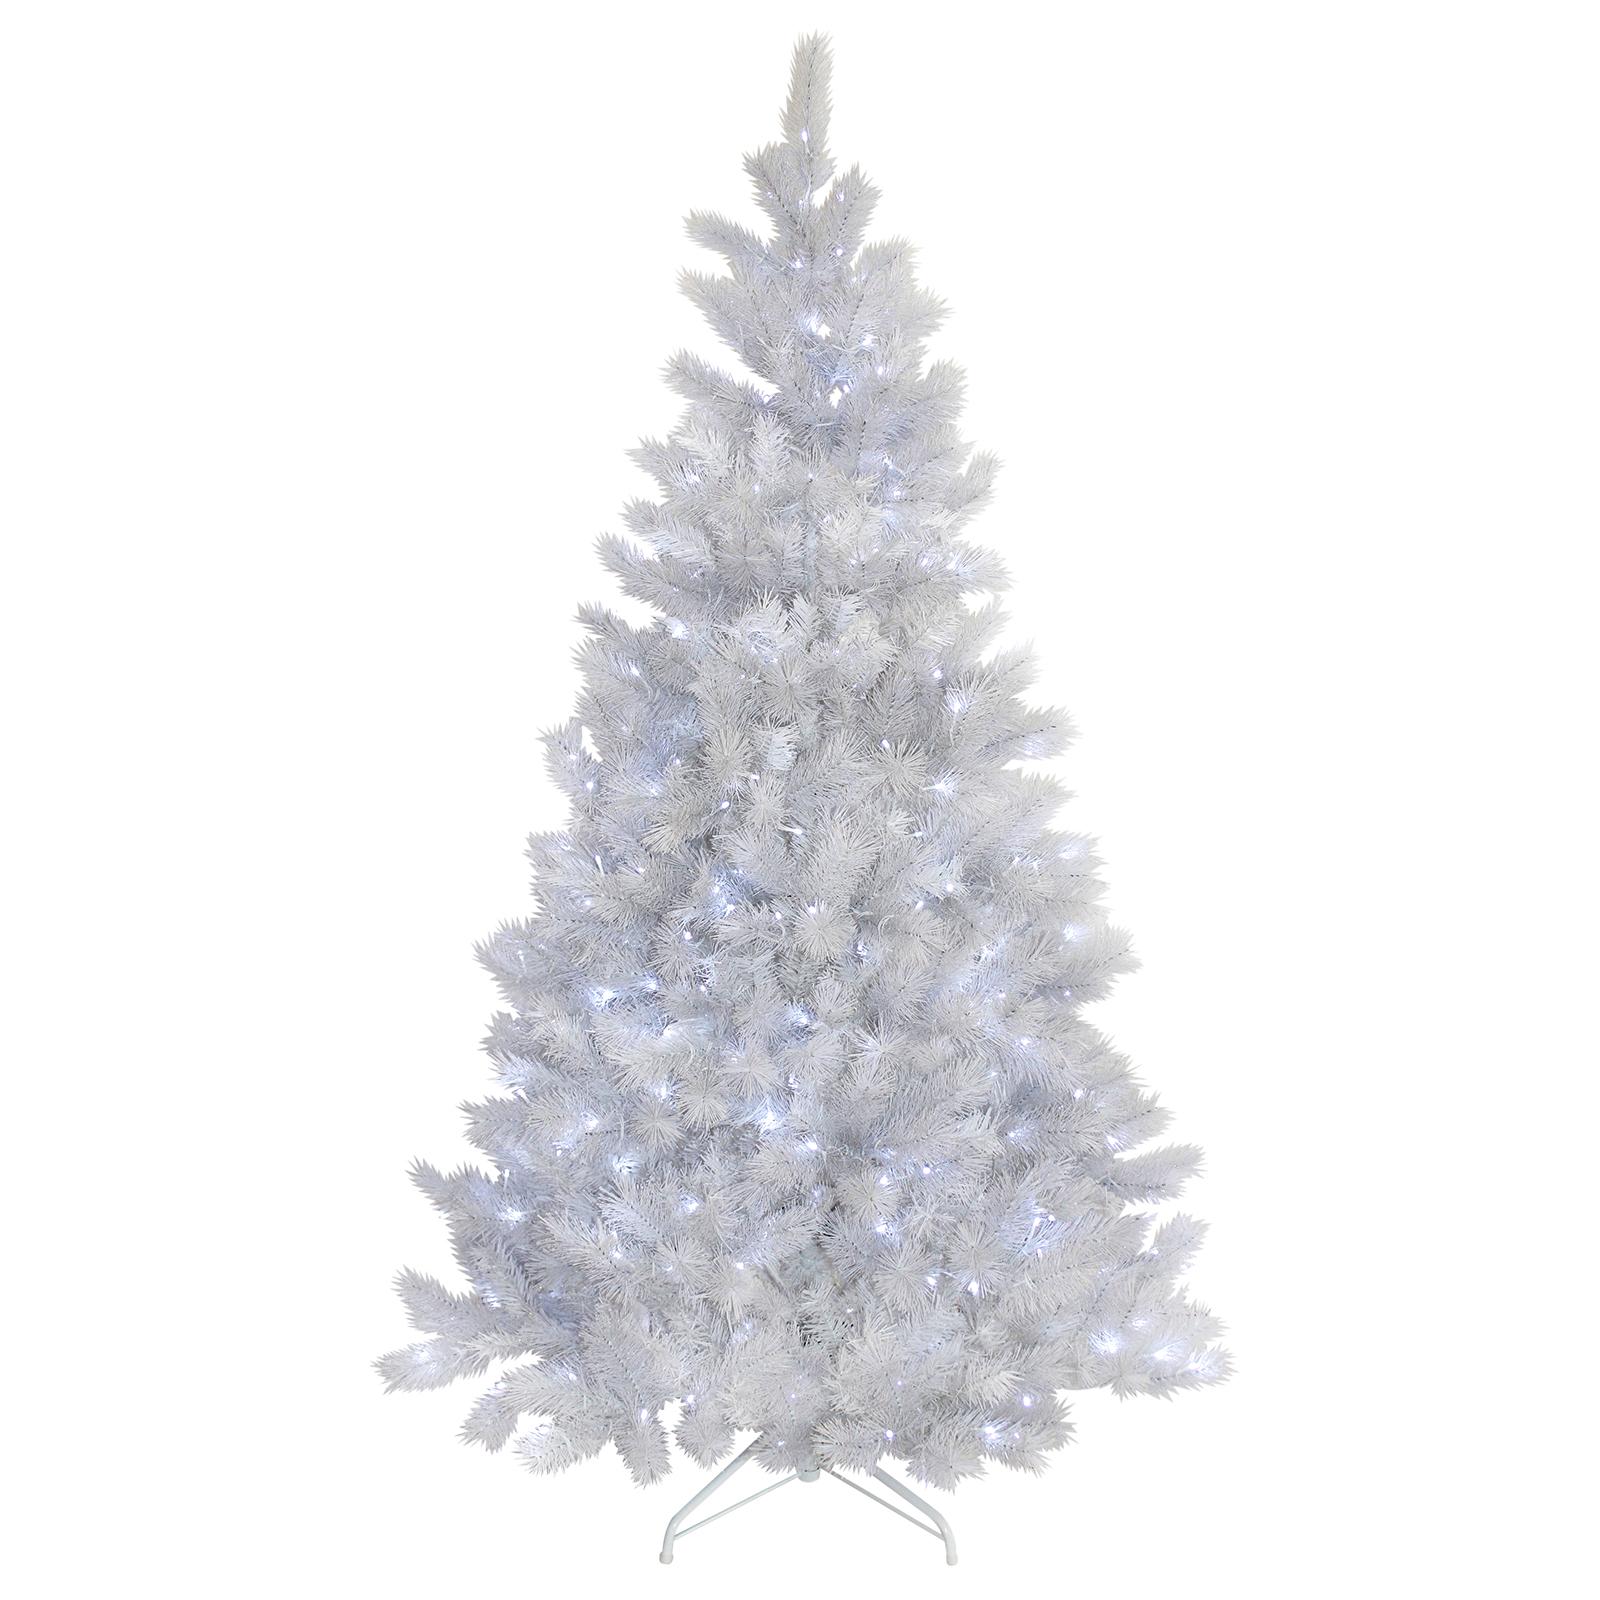 White Christmas Tre: 5ft 6ft 7ft White Glitter Pine Artificial Pre-Lit LED